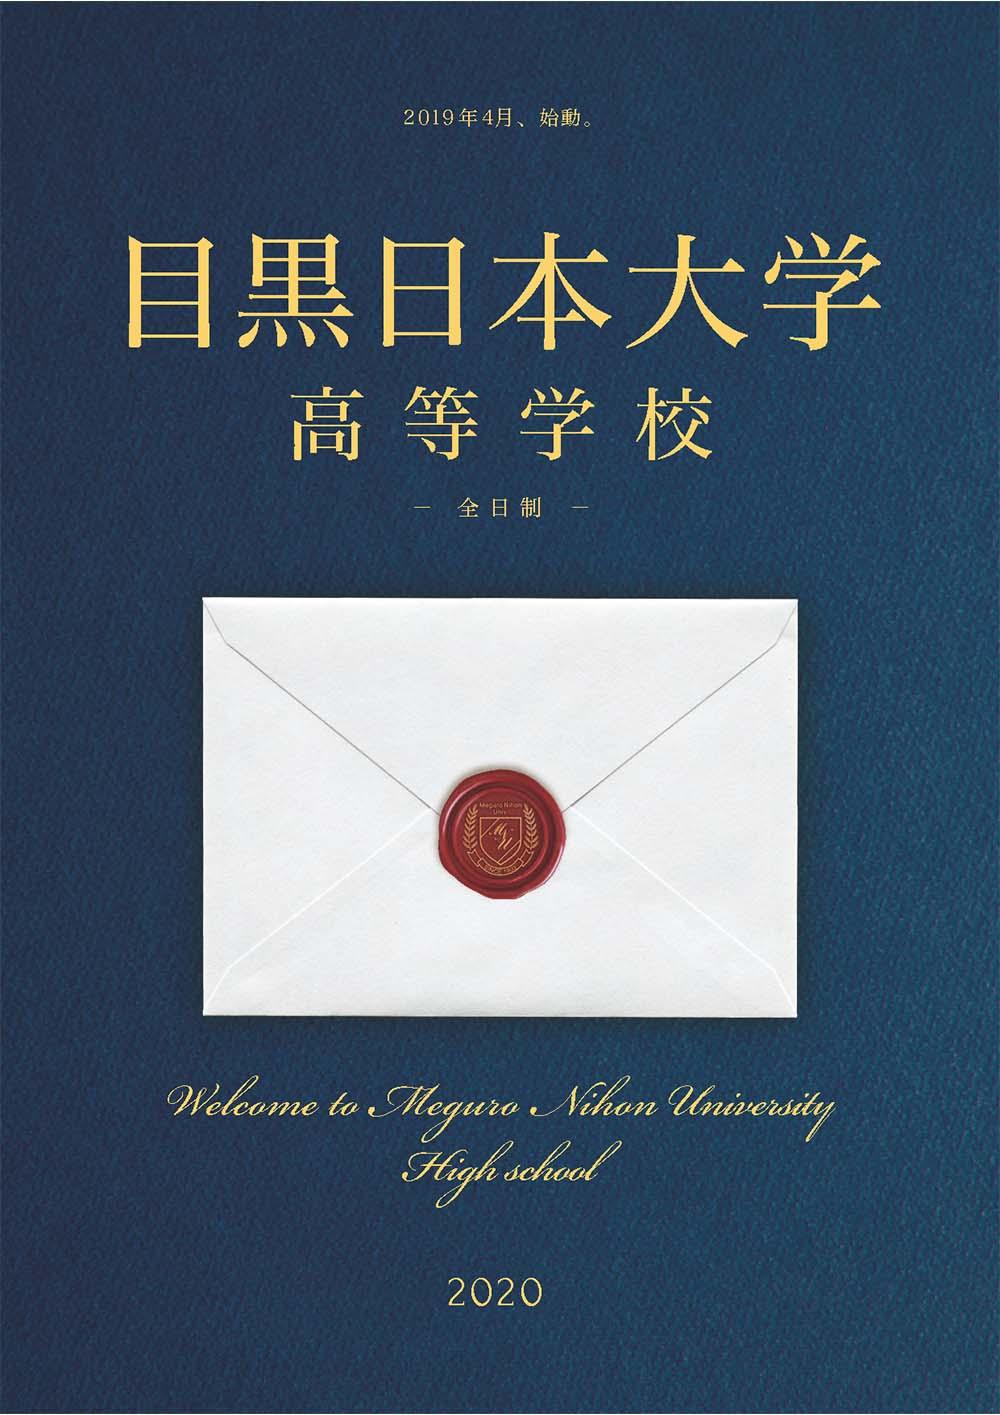 目黒日本大学